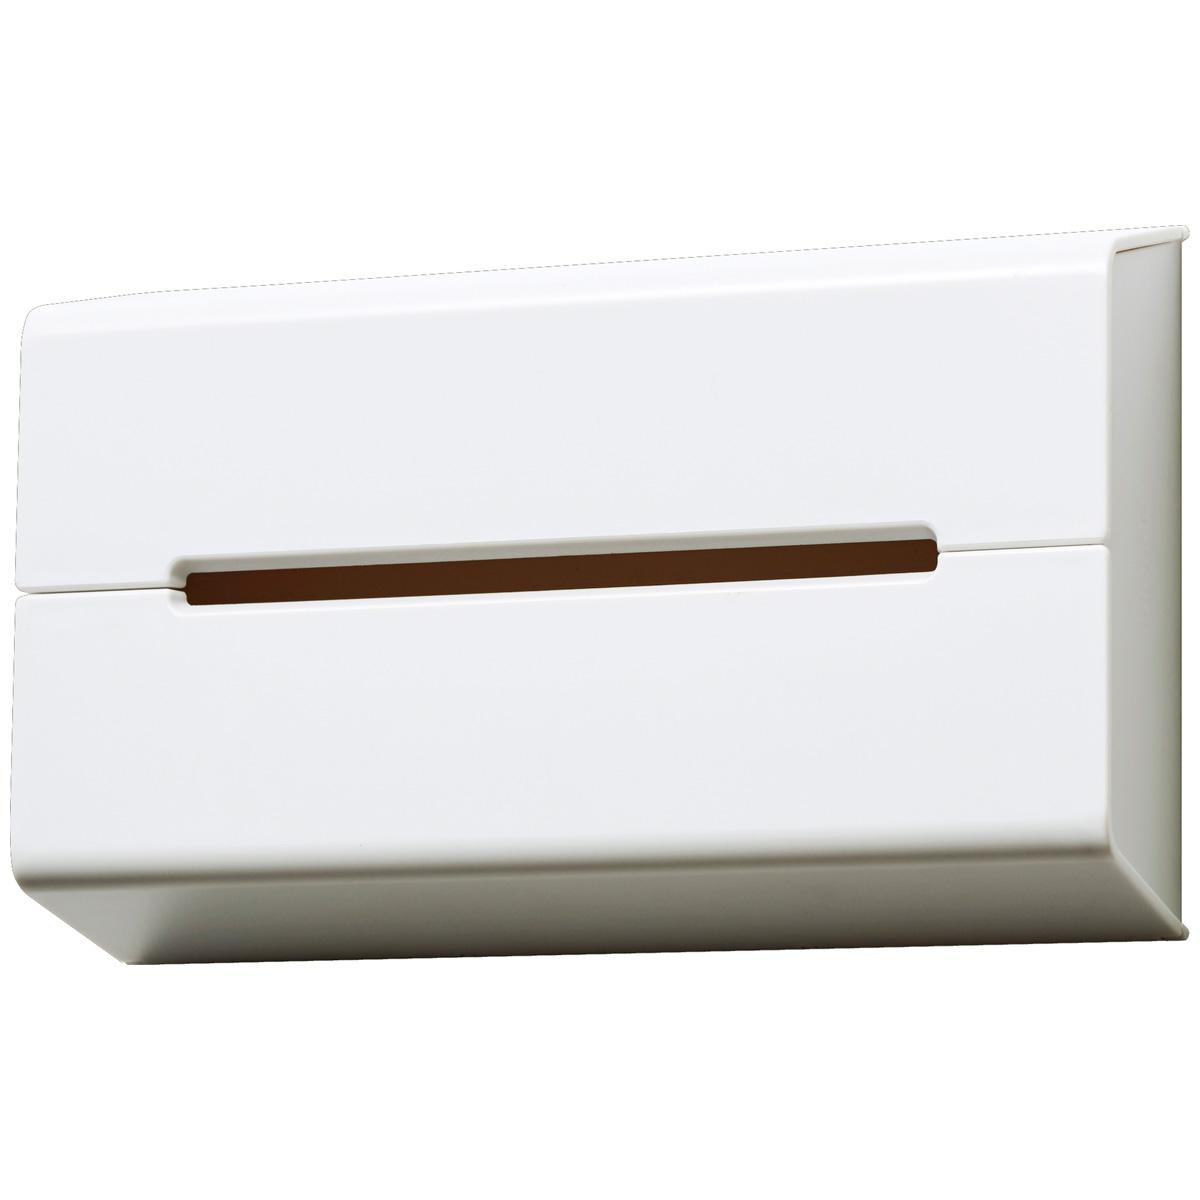 ティッシュケース イデアコ WALL 壁掛けティッシュケース 壁に取り付けて便利に使える! 人気 オシャレ ティッシュカバー ティッシュボックス ideaco ウォール ホワイト